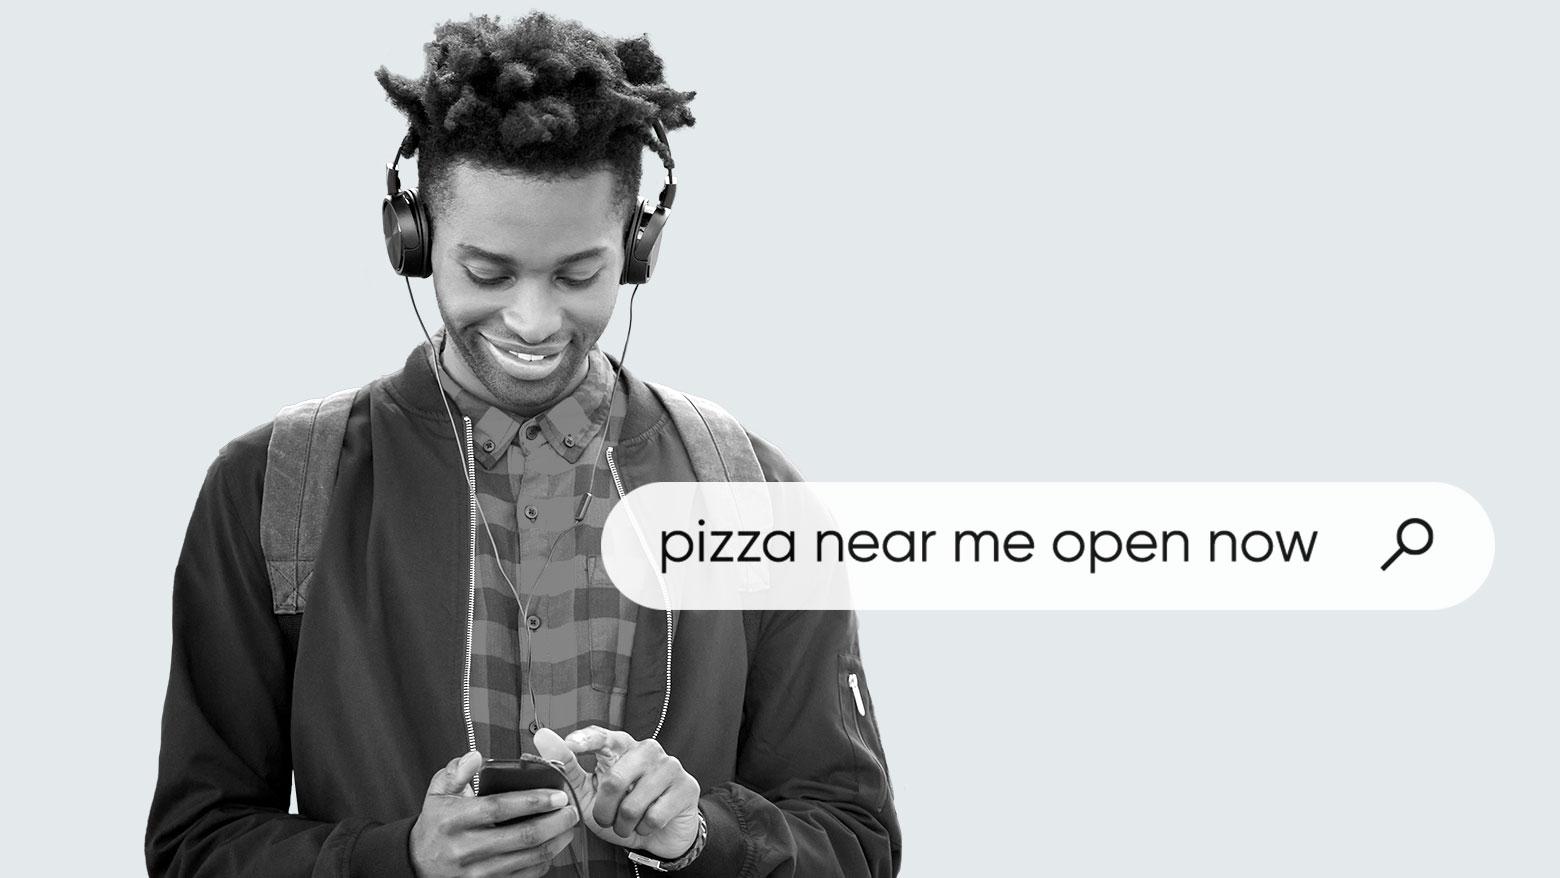 """Mann mit Kopfhörern nutzt sein Handy zur Suche nach """"Pizza in meiner Nähe jetzt geöffnet"""""""